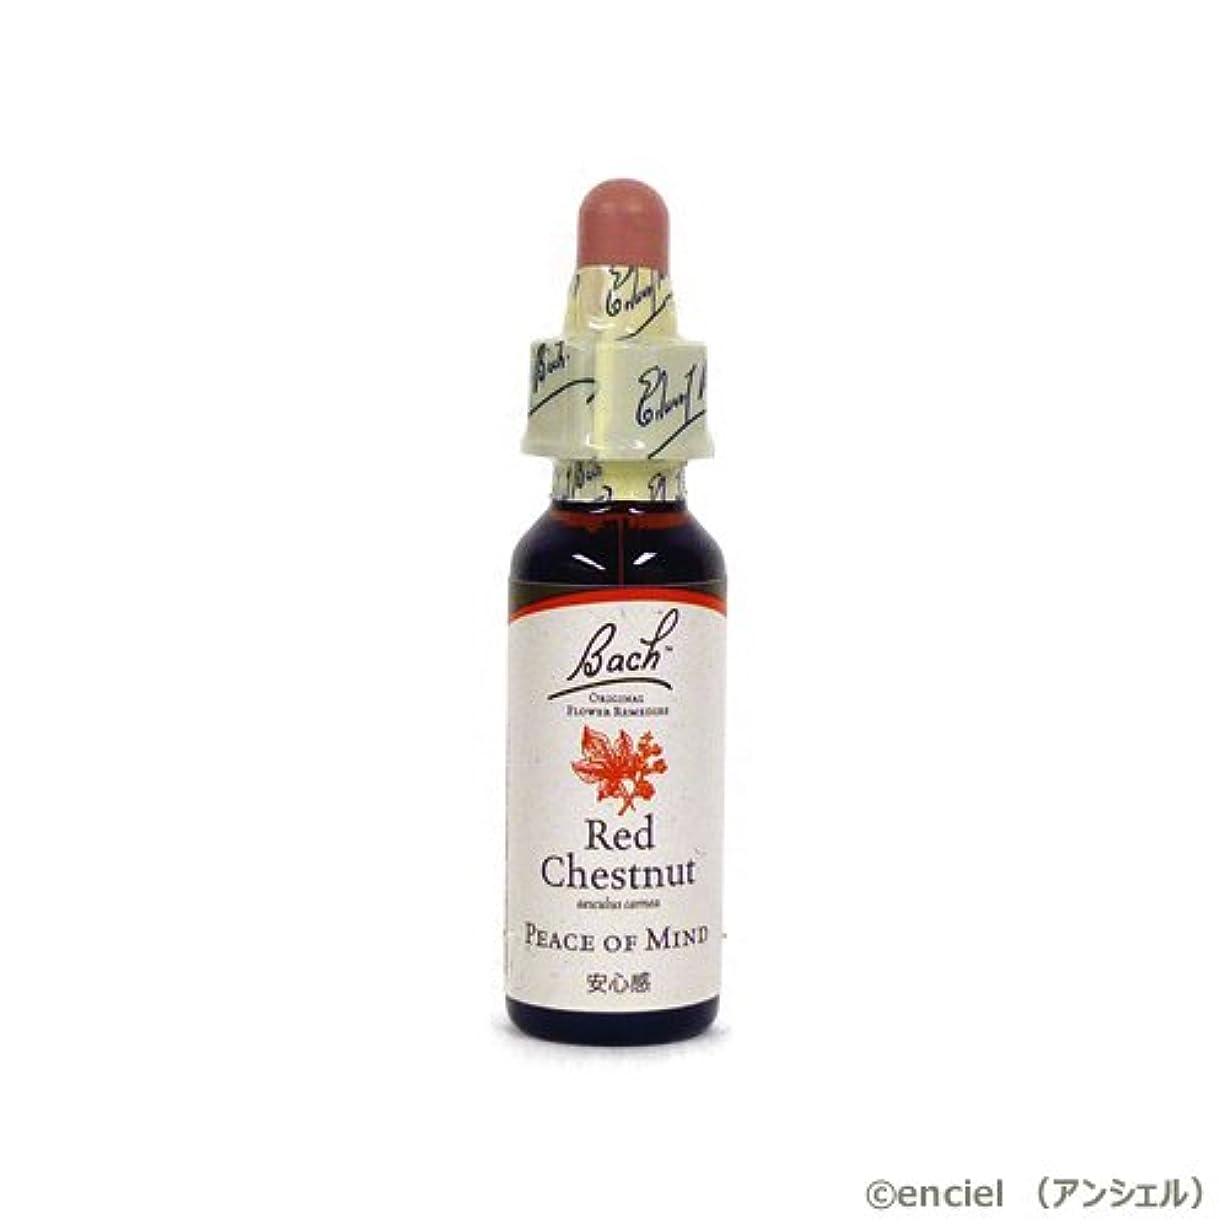 予防接種レルム浅いバッチフラワー レメディ レッドチェストナット 10ml グリセリンタイプ 日本国内正規品